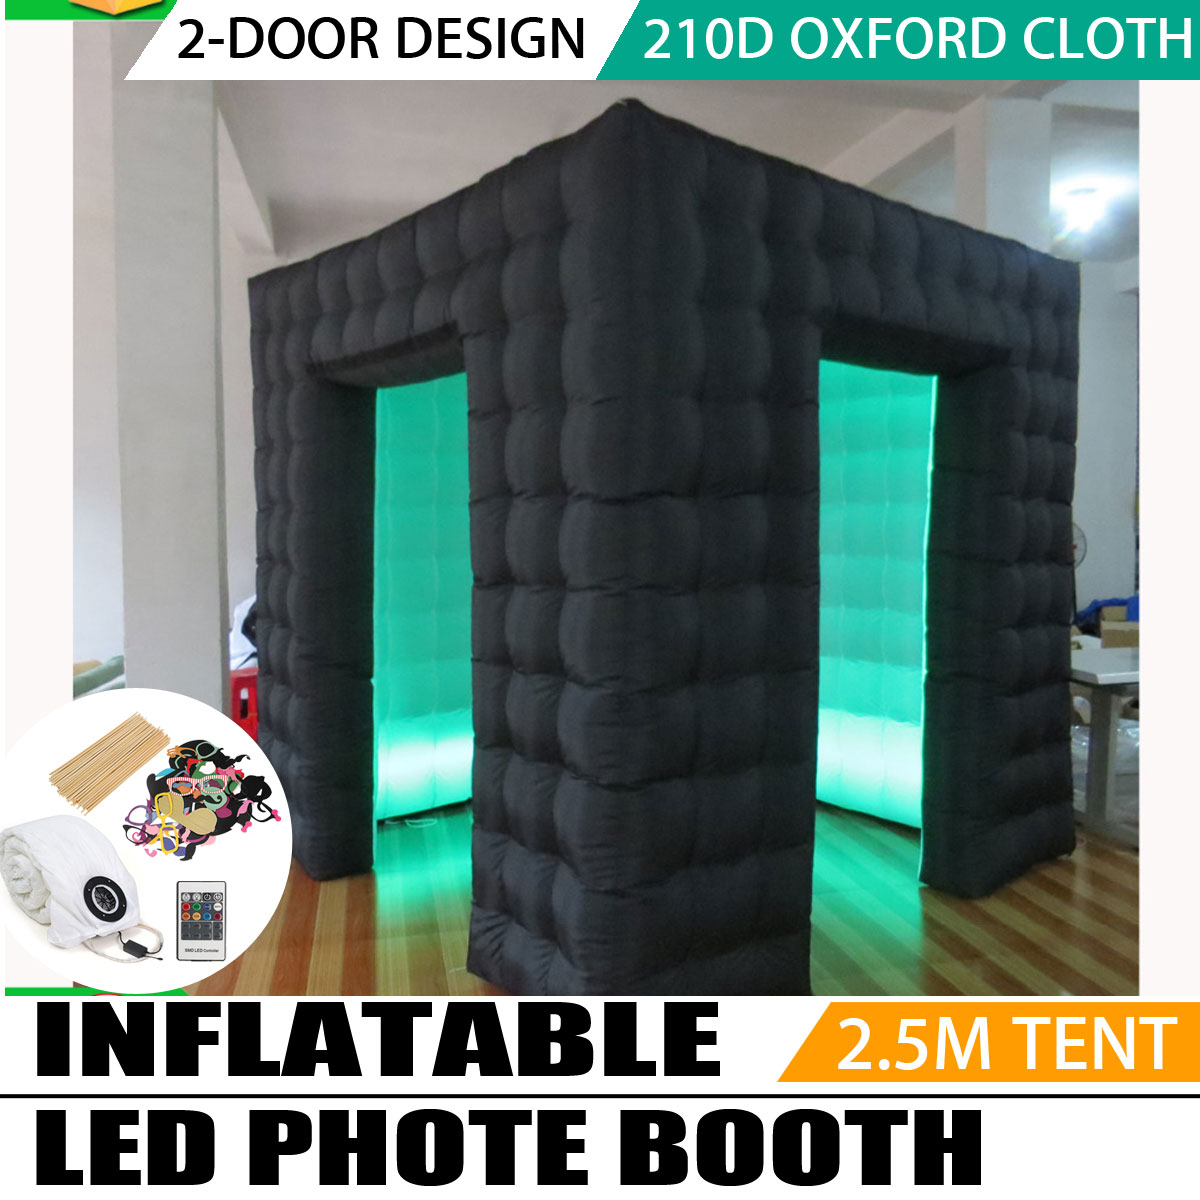 2,5*2,5*2,5 м Портативный надувные фото кабины надувные Cube палатка Led Надувные Photo Booth для Свадебная вечеринка